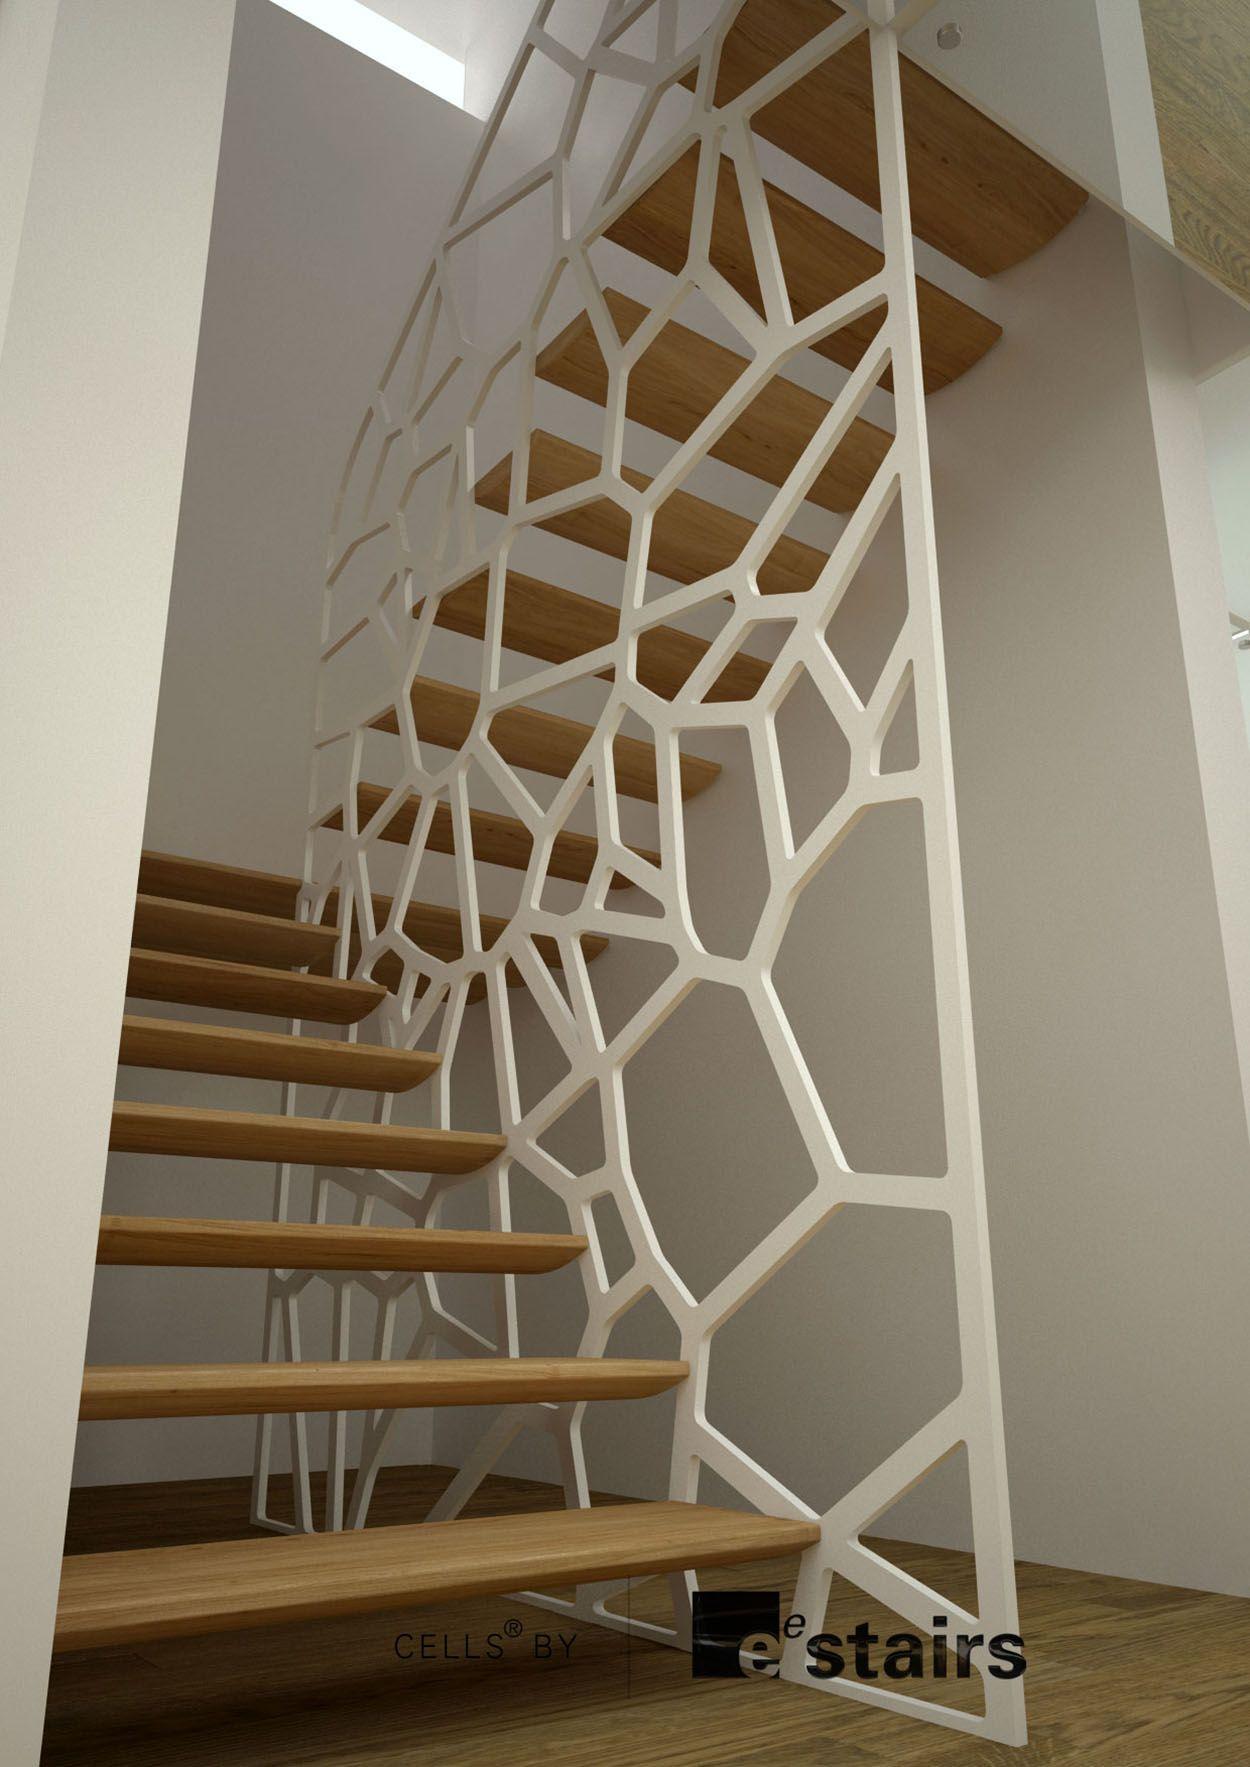 Escalier bois tous les design d 39 escaliers bois originaux pour votre int rieur escalier in - Escalier bois interieur ...